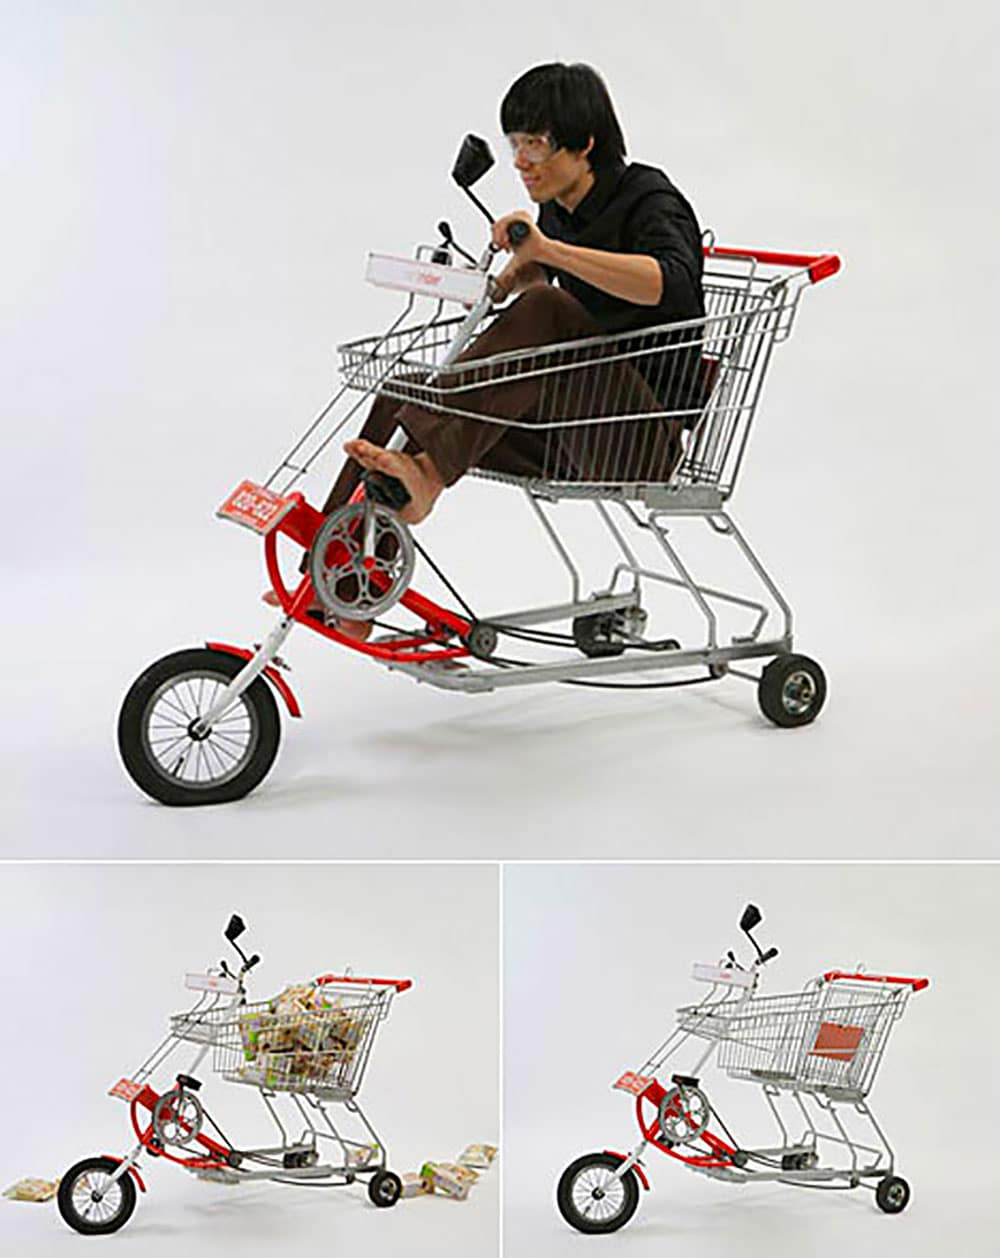 Faire ses courses en vélo caddy !